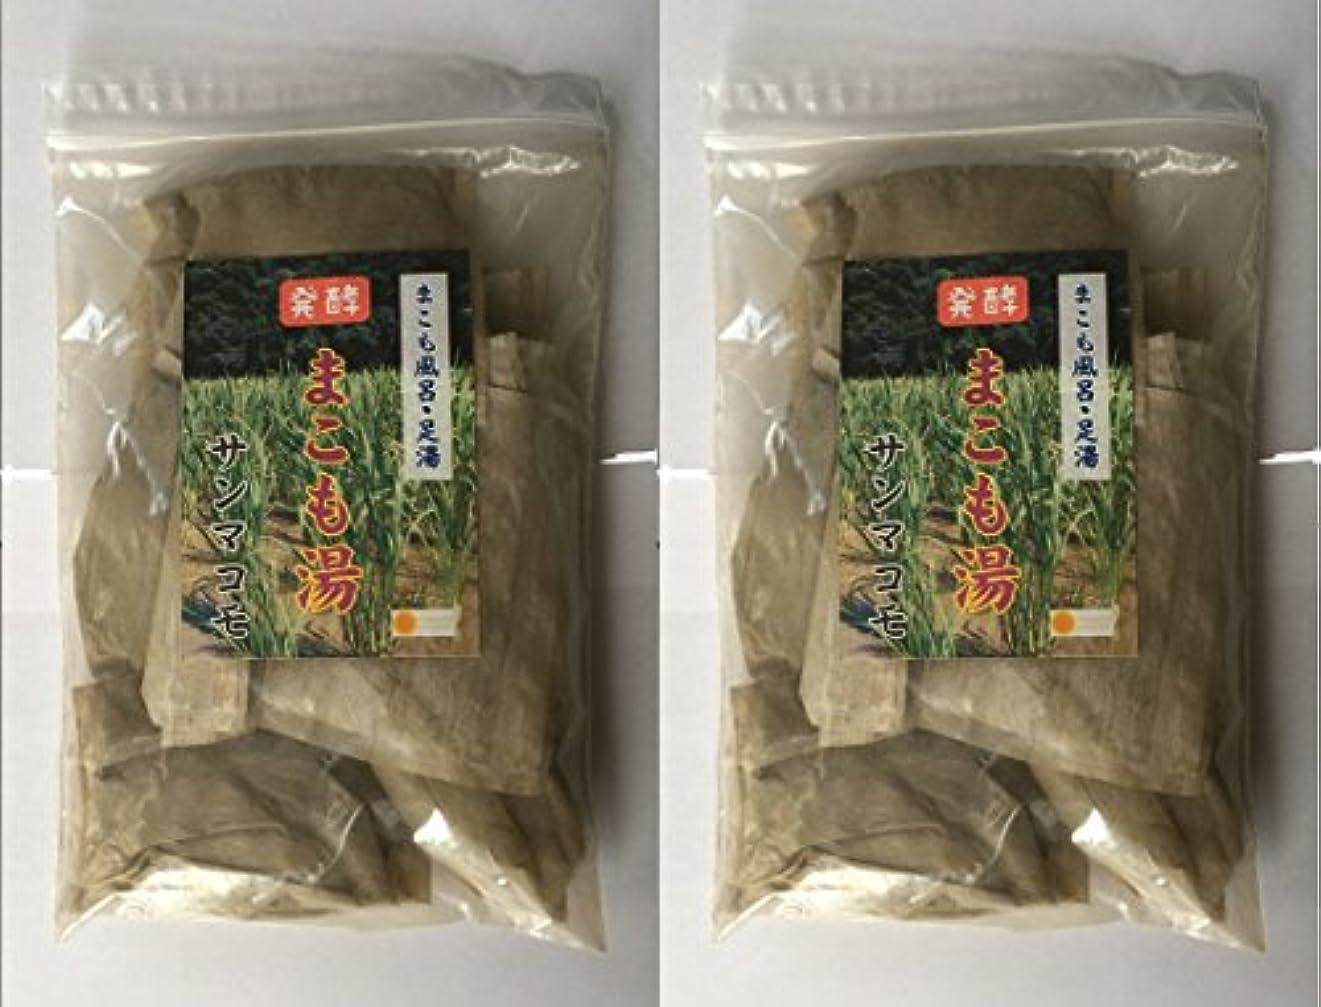 不足アルミニウム遺伝的発酵まこも湯 100g 2個セット